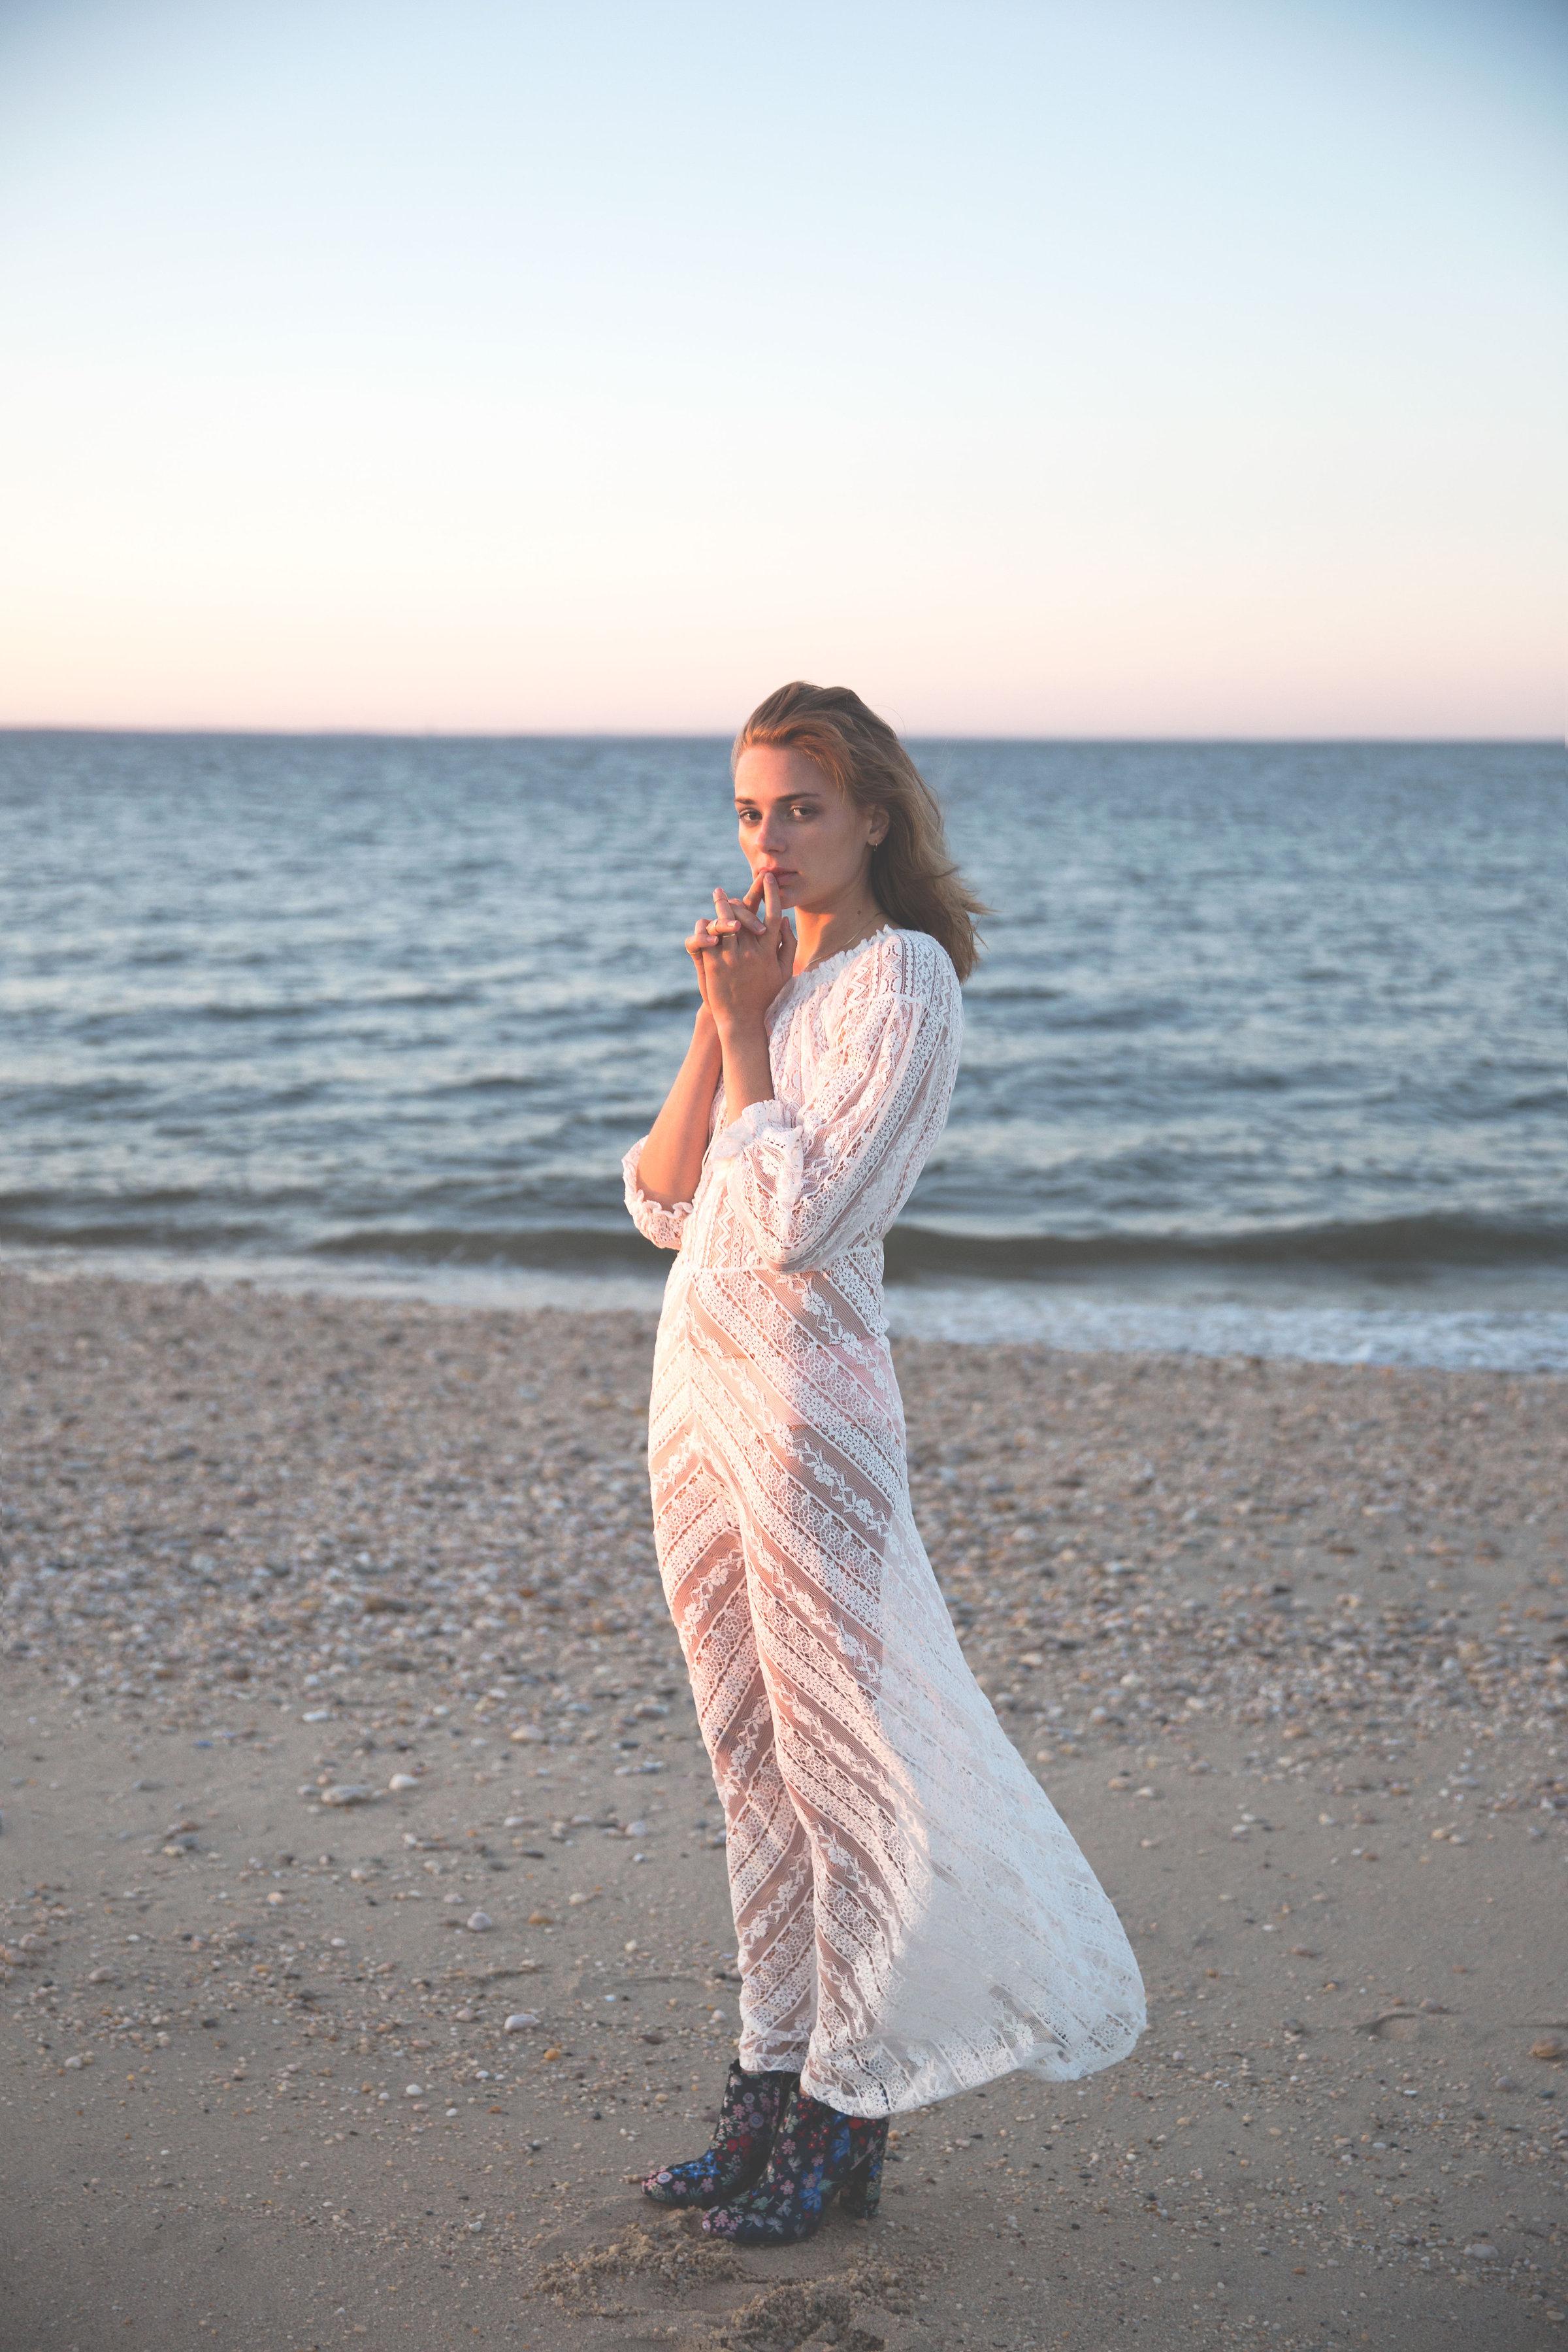 Jen_Senn_Clare_beach_-9389.jpg